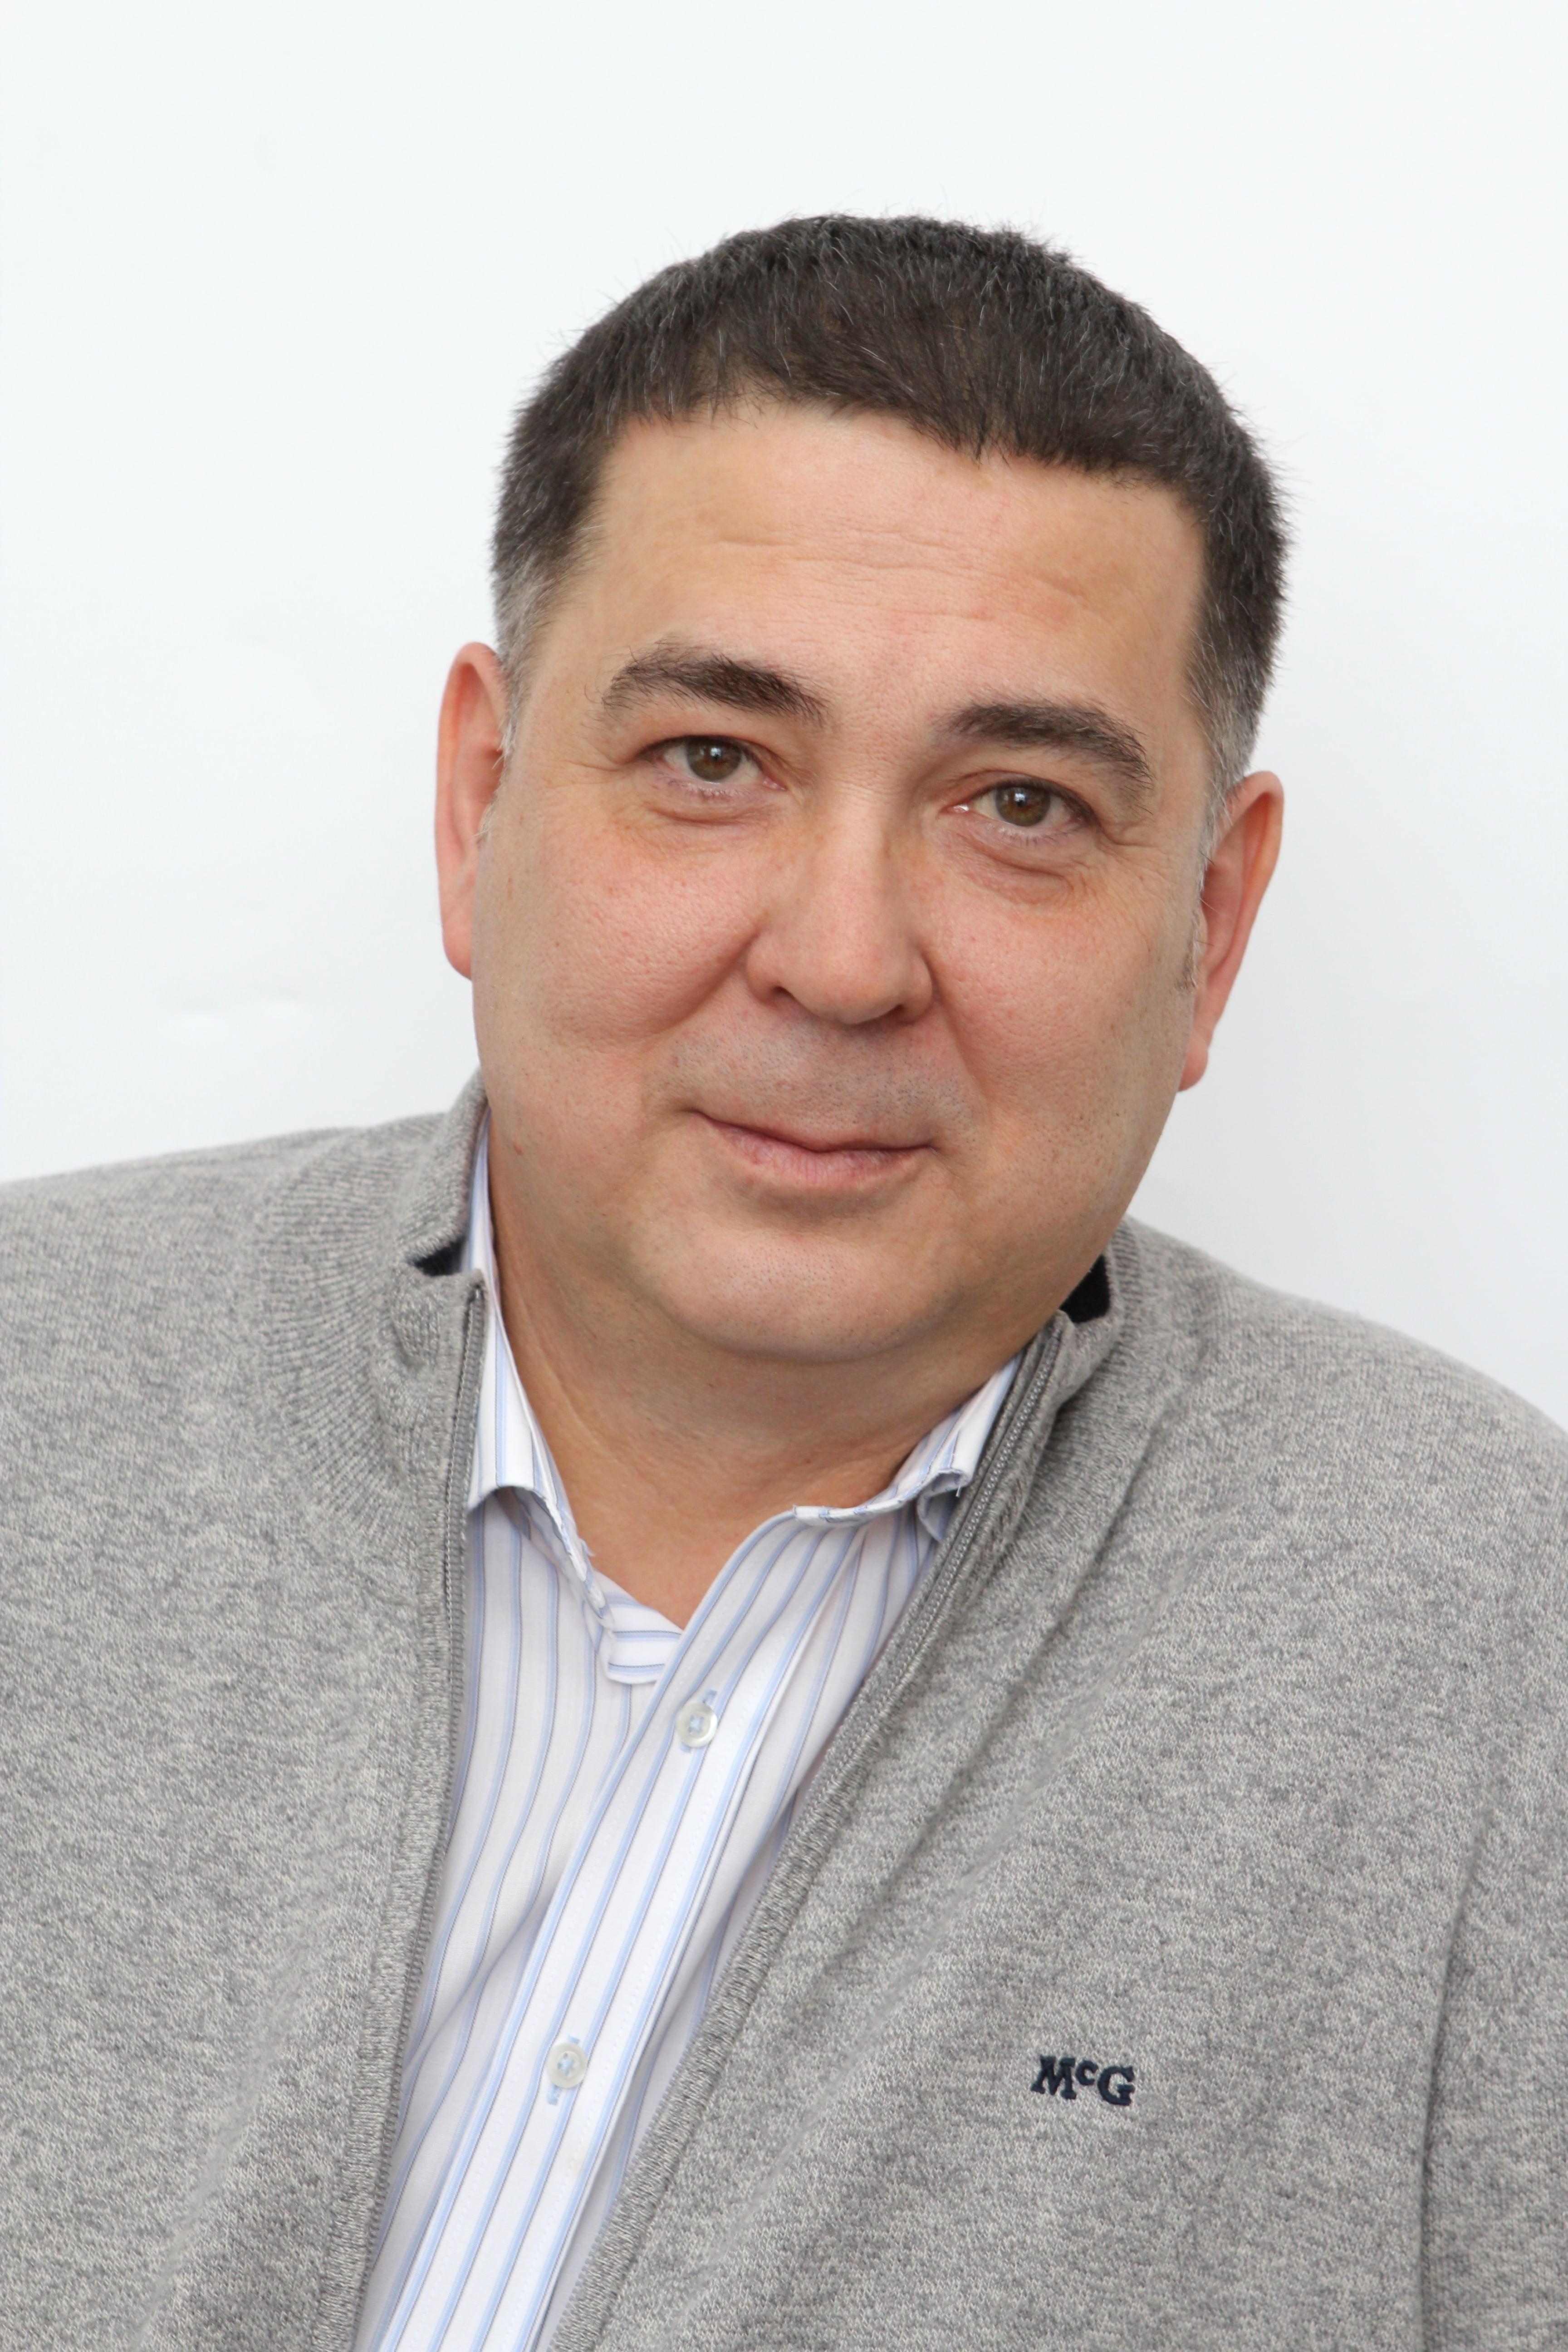 Ягудин Рамил Хаевич